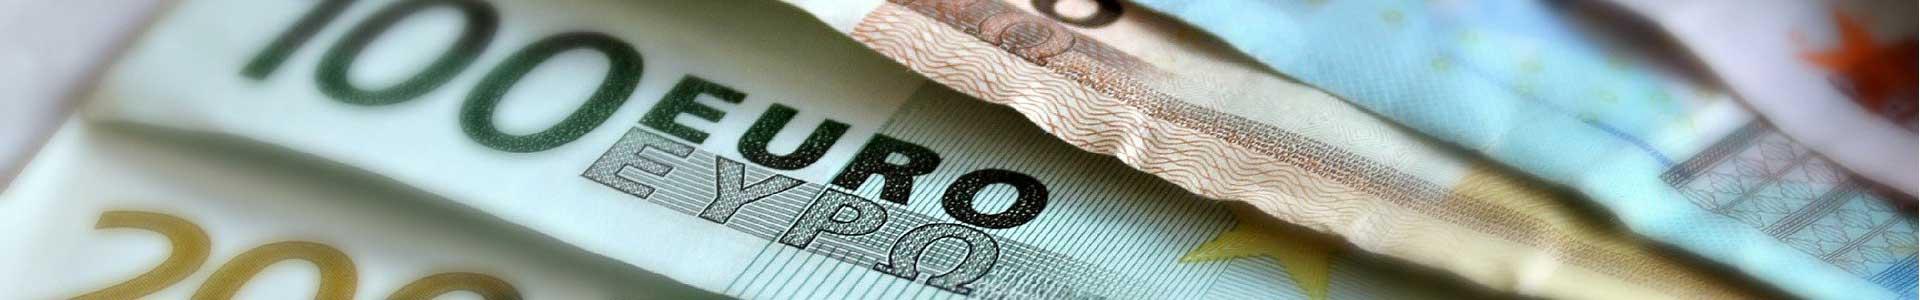 Kredit-Euro-Scheine